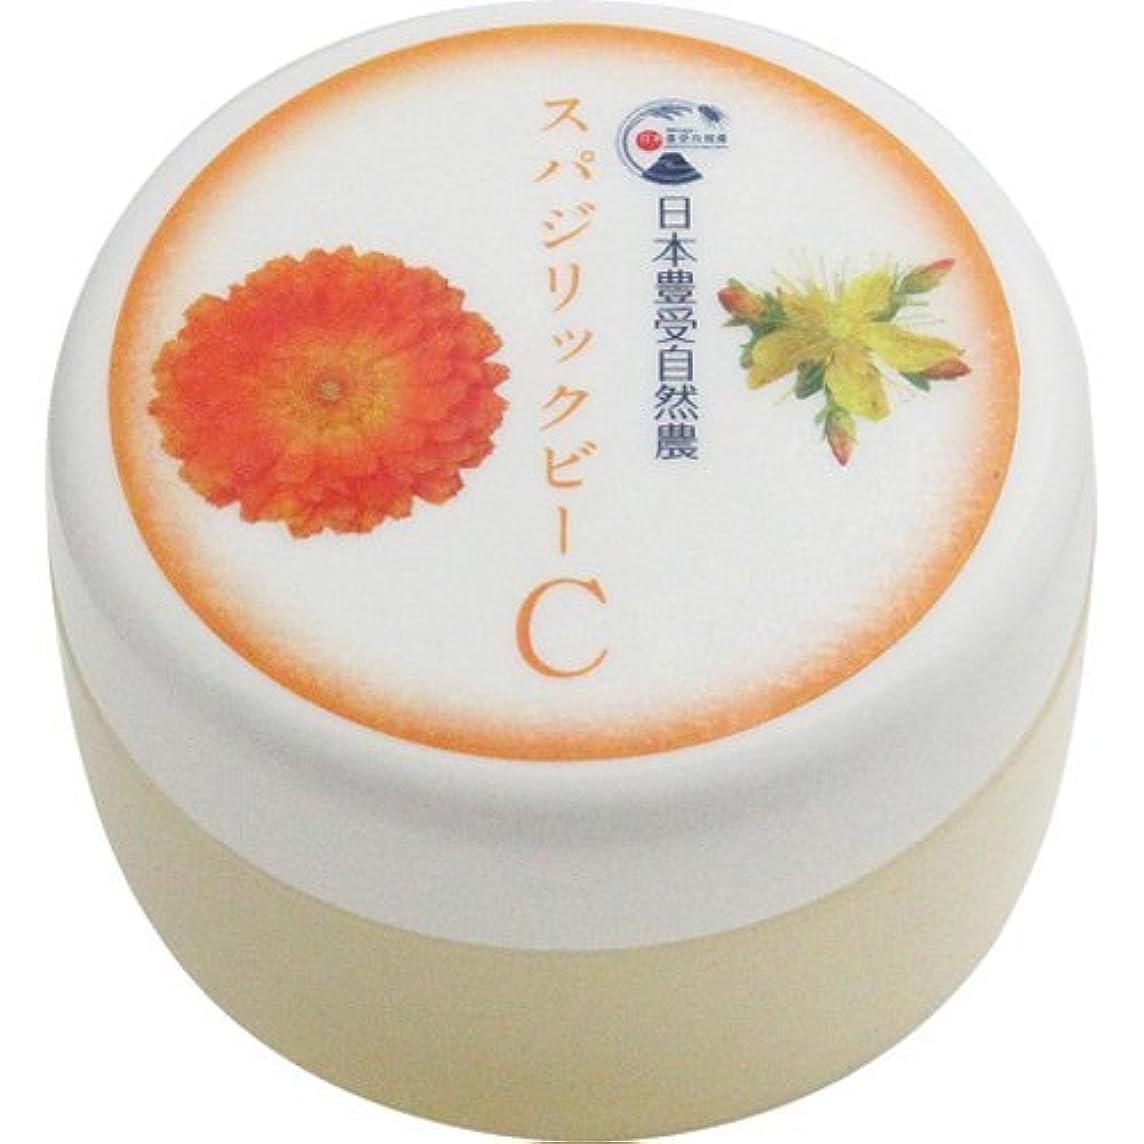 メインありそうマーティンルーサーキングジュニア日本豊受自然農 スパジリック ビーC(特大) 135g